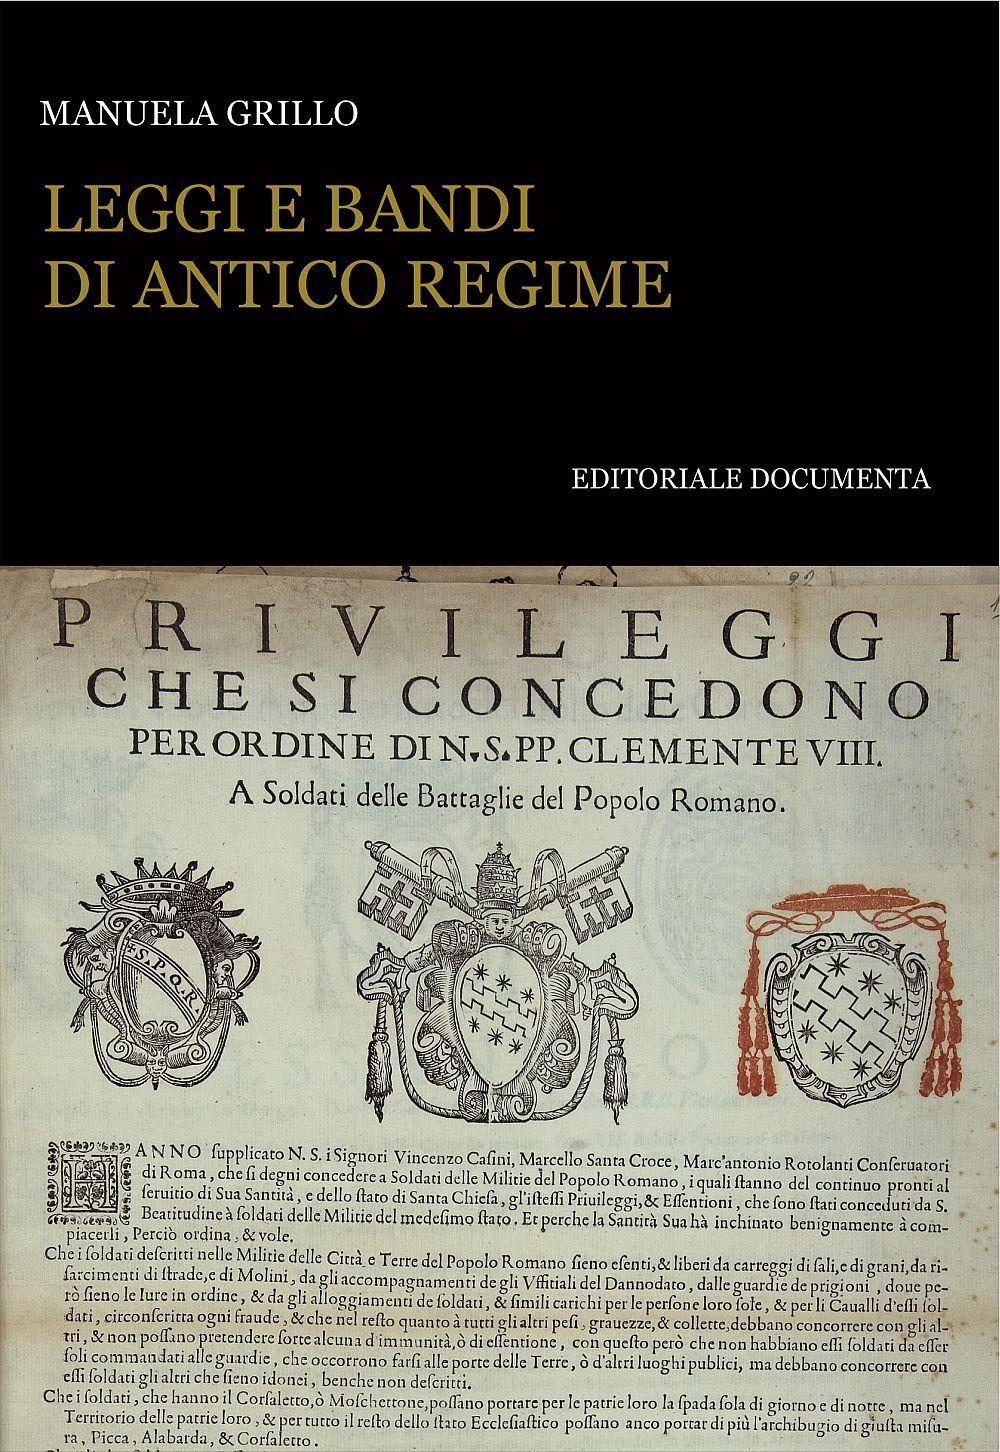 Leggi e bandi di antico regime